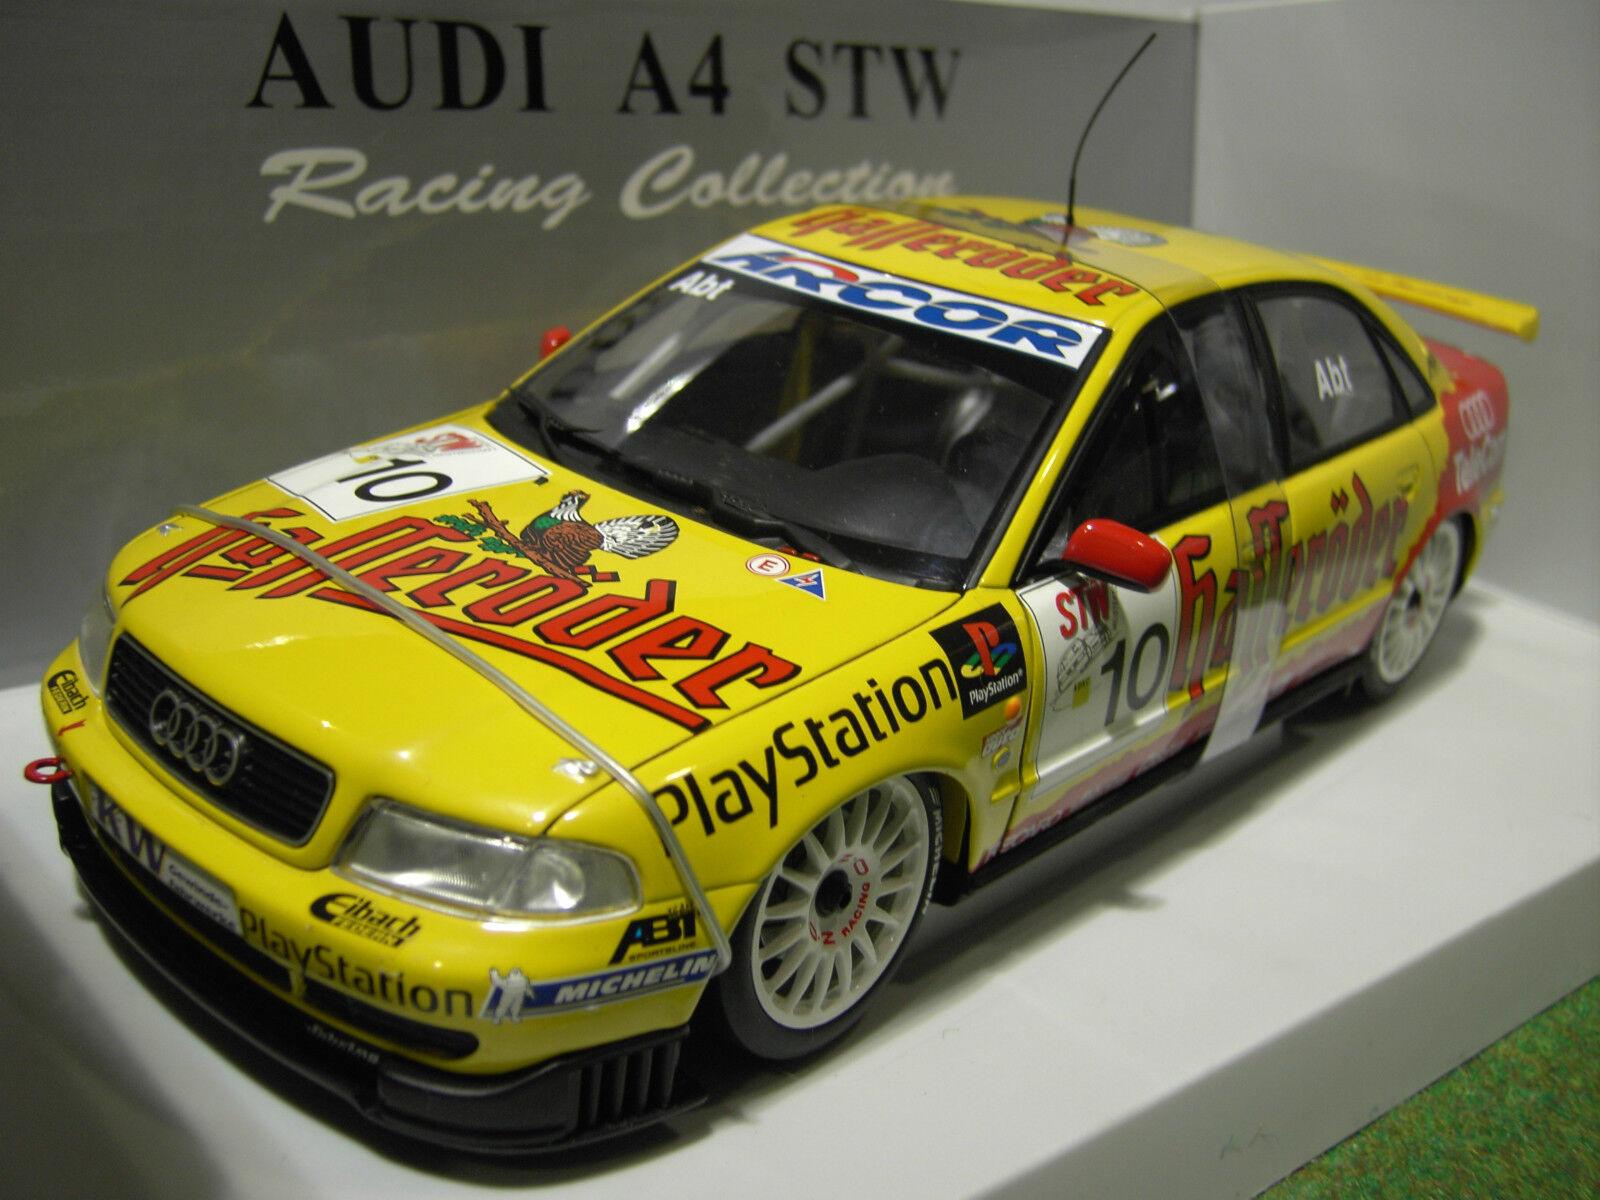 AUDI A4 STW ABT   10 DTM 99 ABT CHRISTIAN 1 18 UT Models 39971 voiture miniature